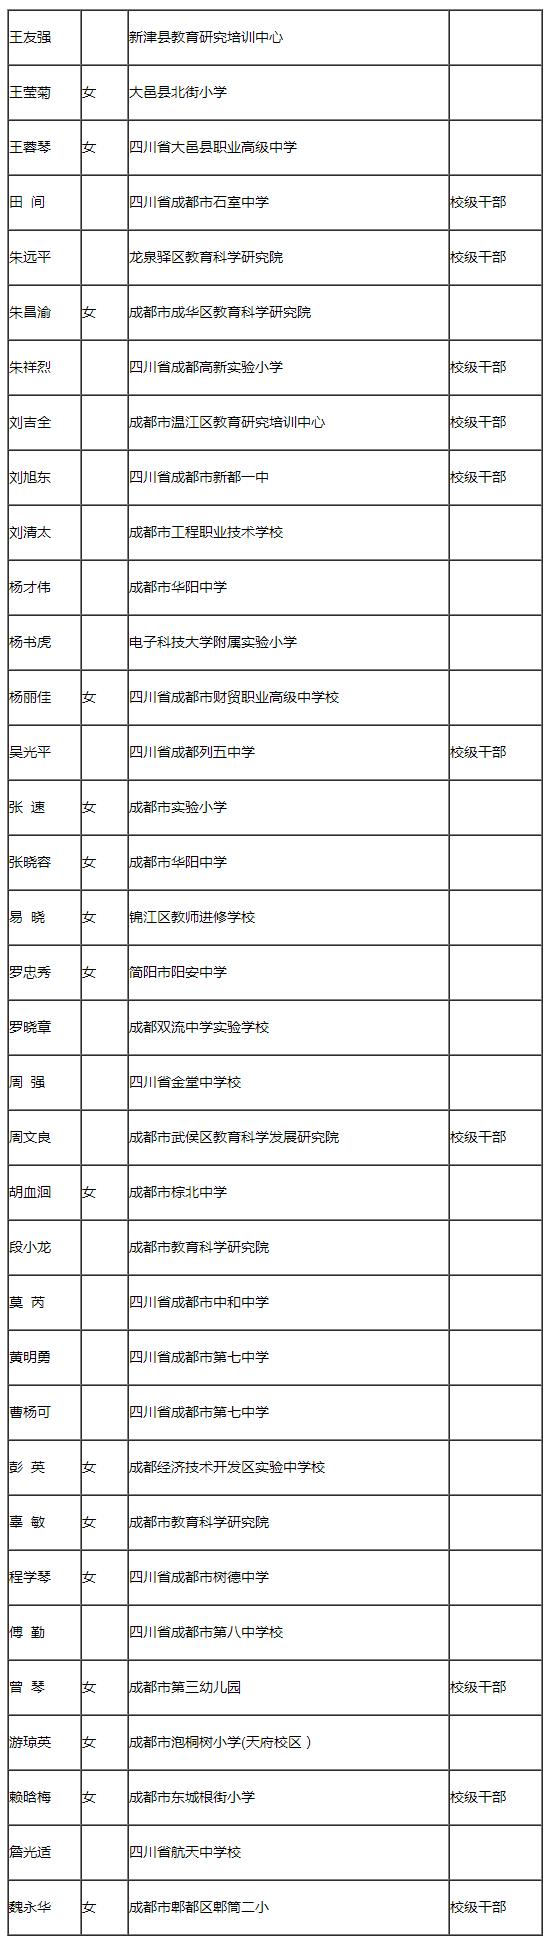 二、拟推荐后备人选名单(按先后顺序排序)